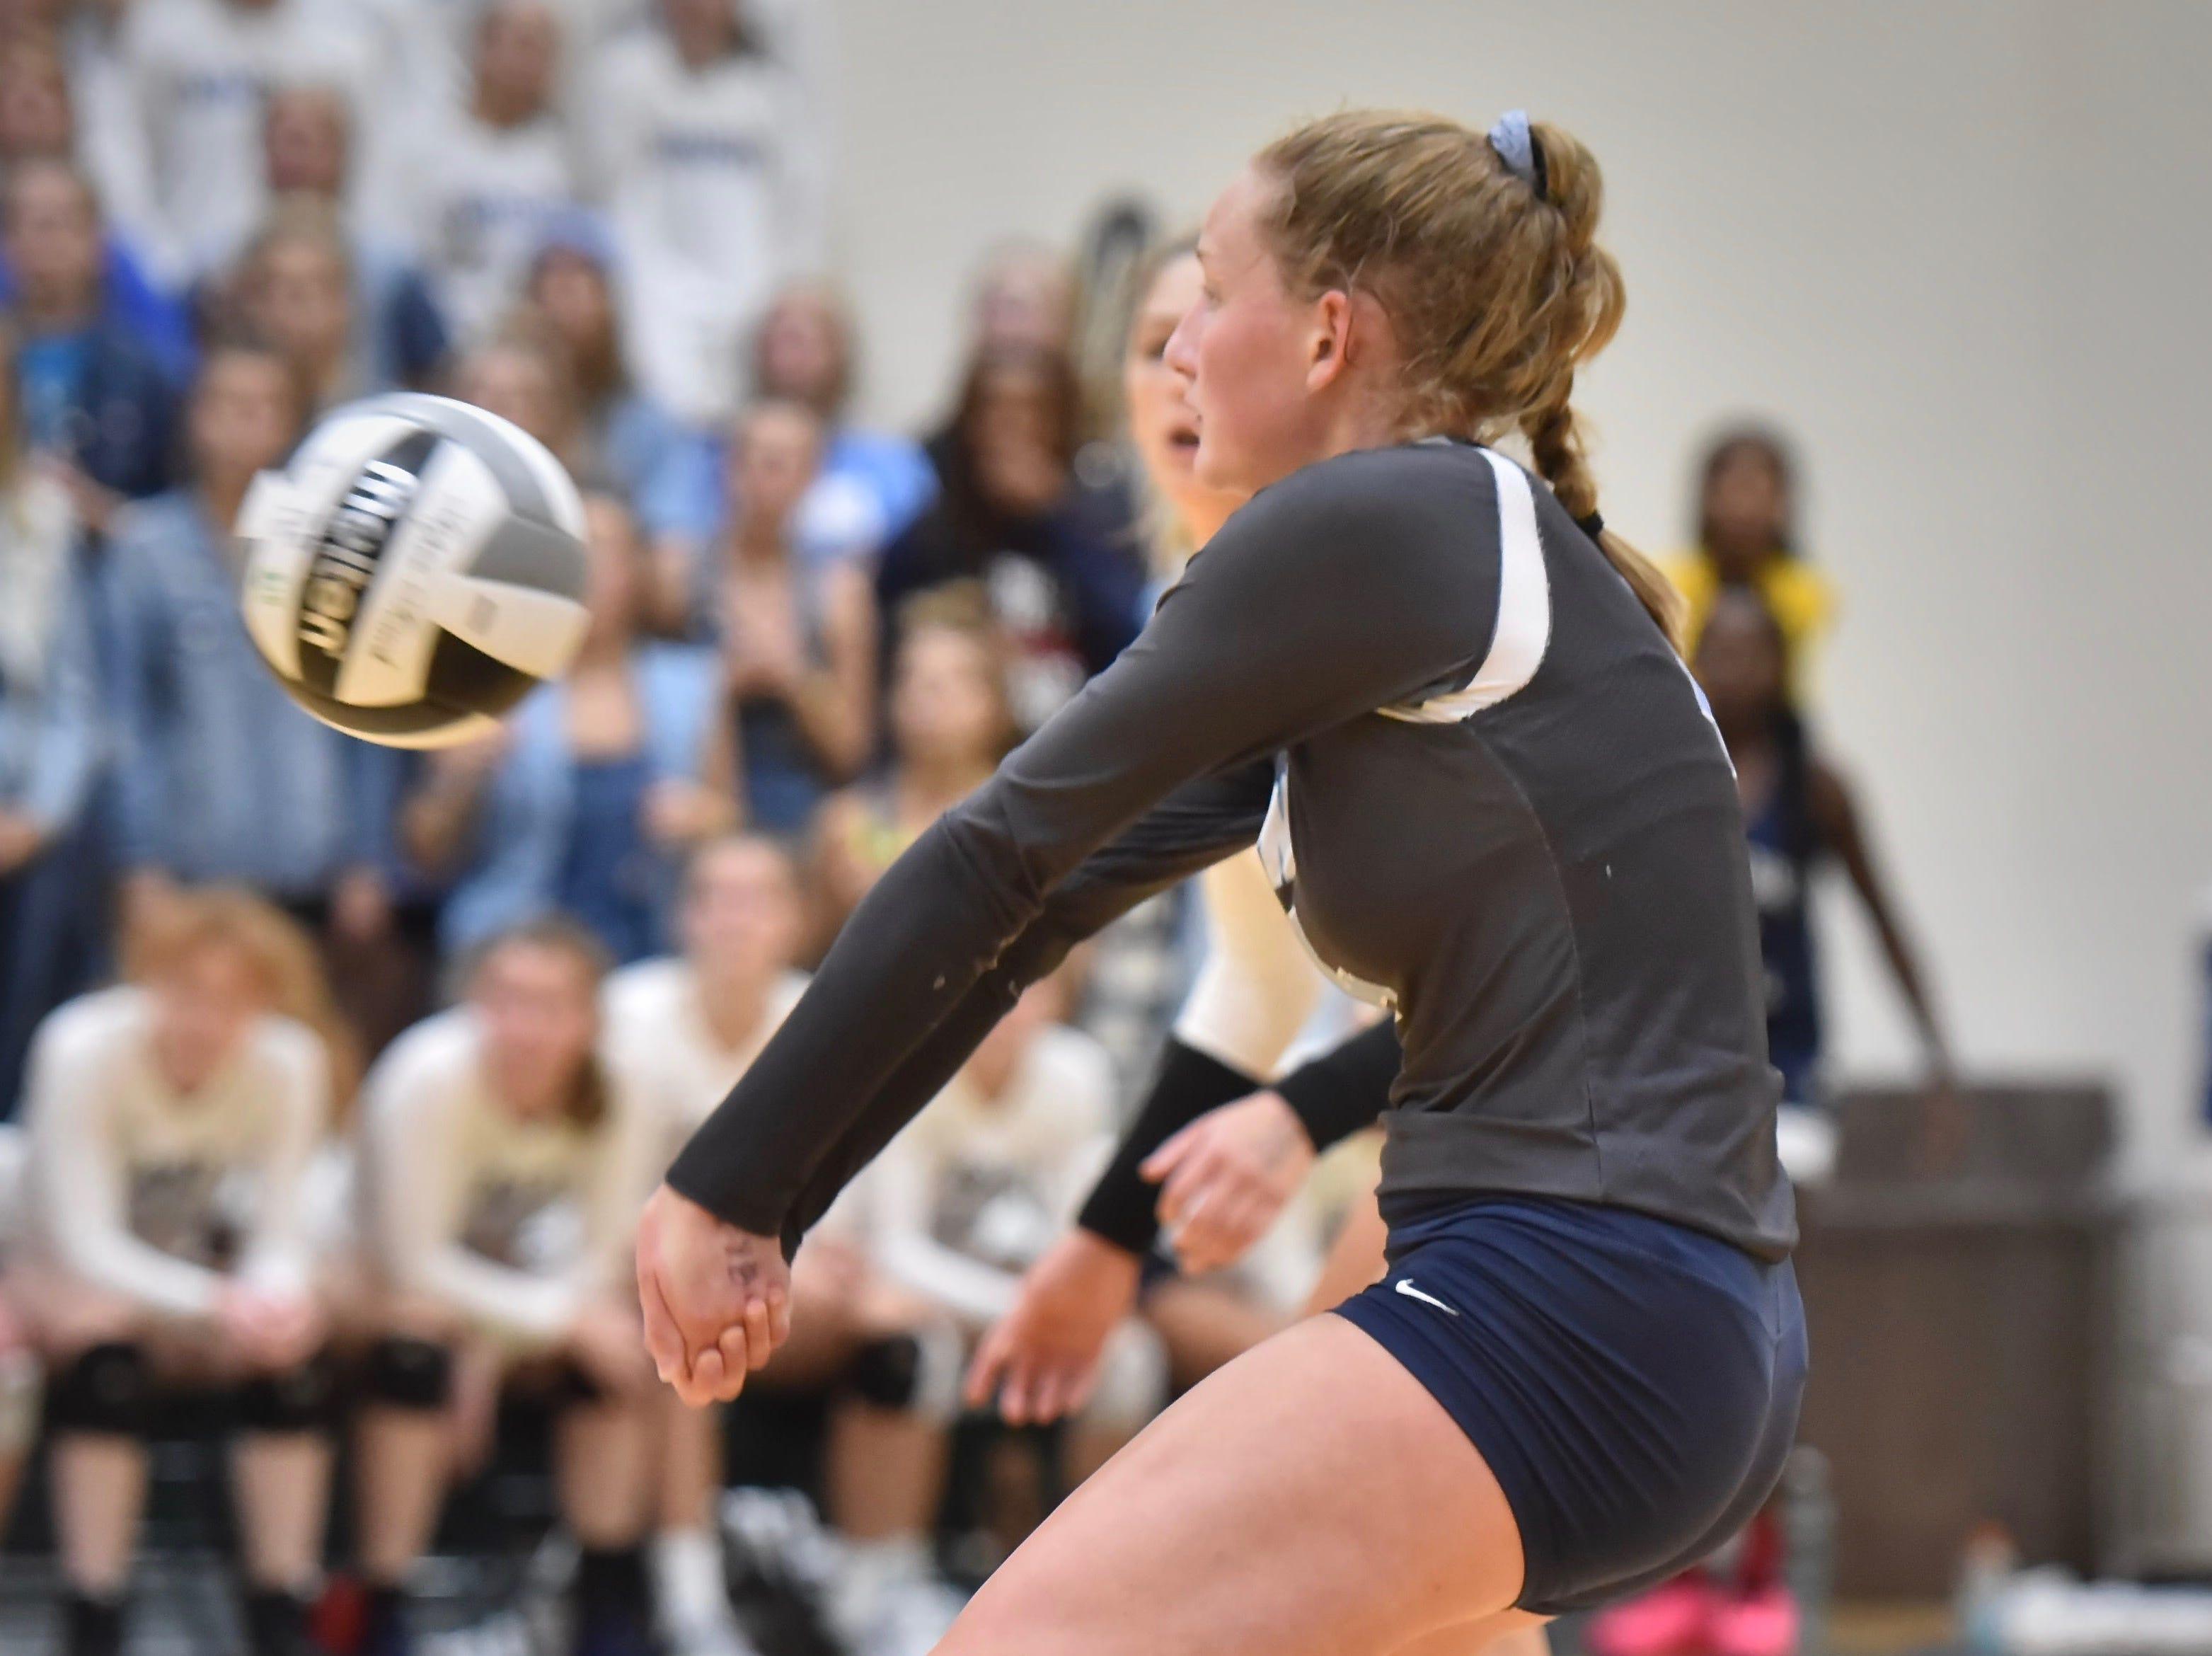 Mount Notre Dame's Emily Ernst returns a serve against Ursuline Academy Tuesday, Sept. 11, 2018 at Ursuline Academy